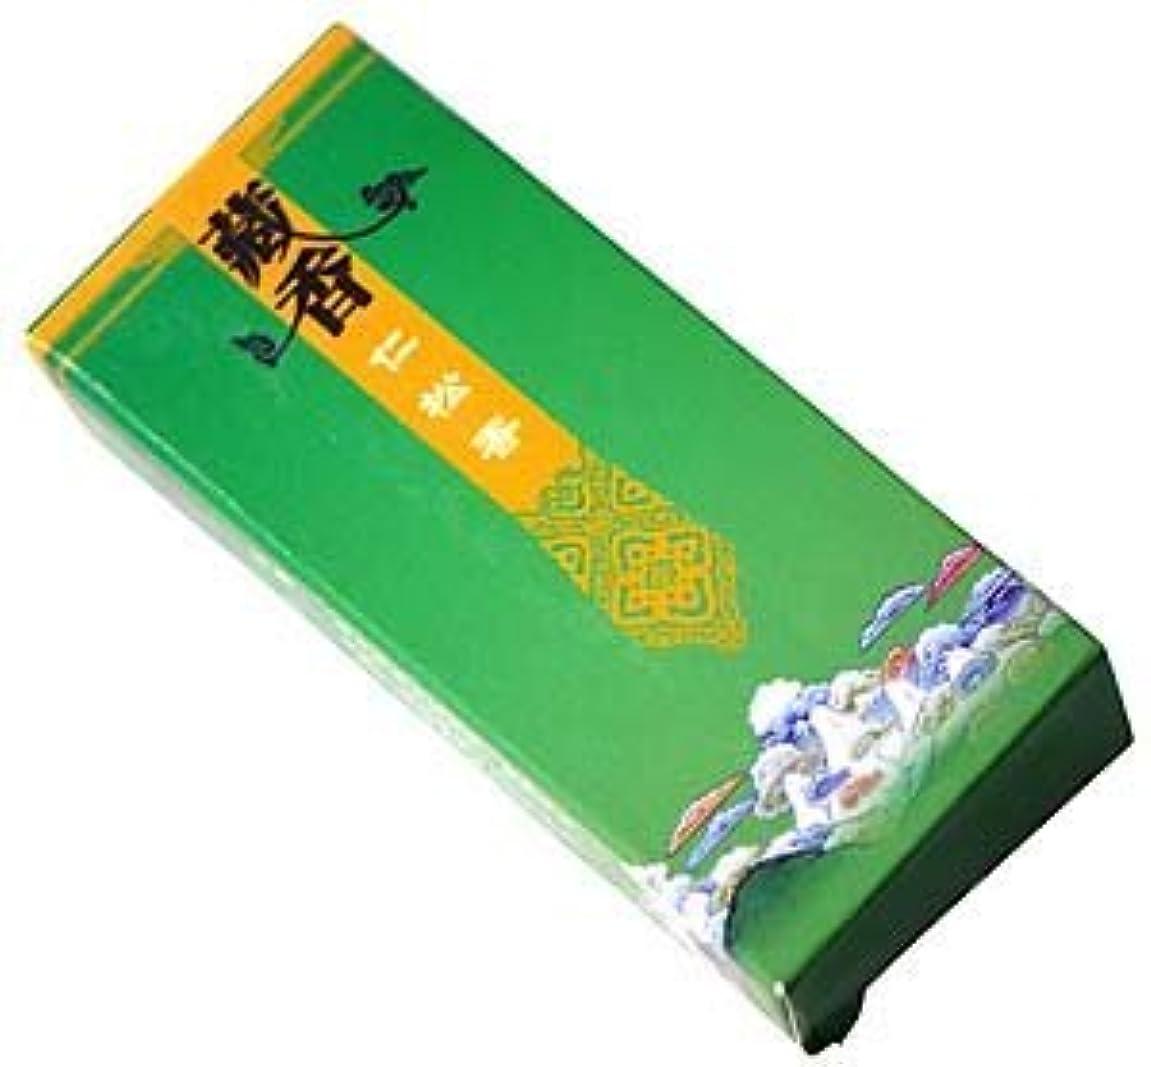 注釈モルヒネ代わりにARURA 漢方香【仁松香】青海省蔵医研究所